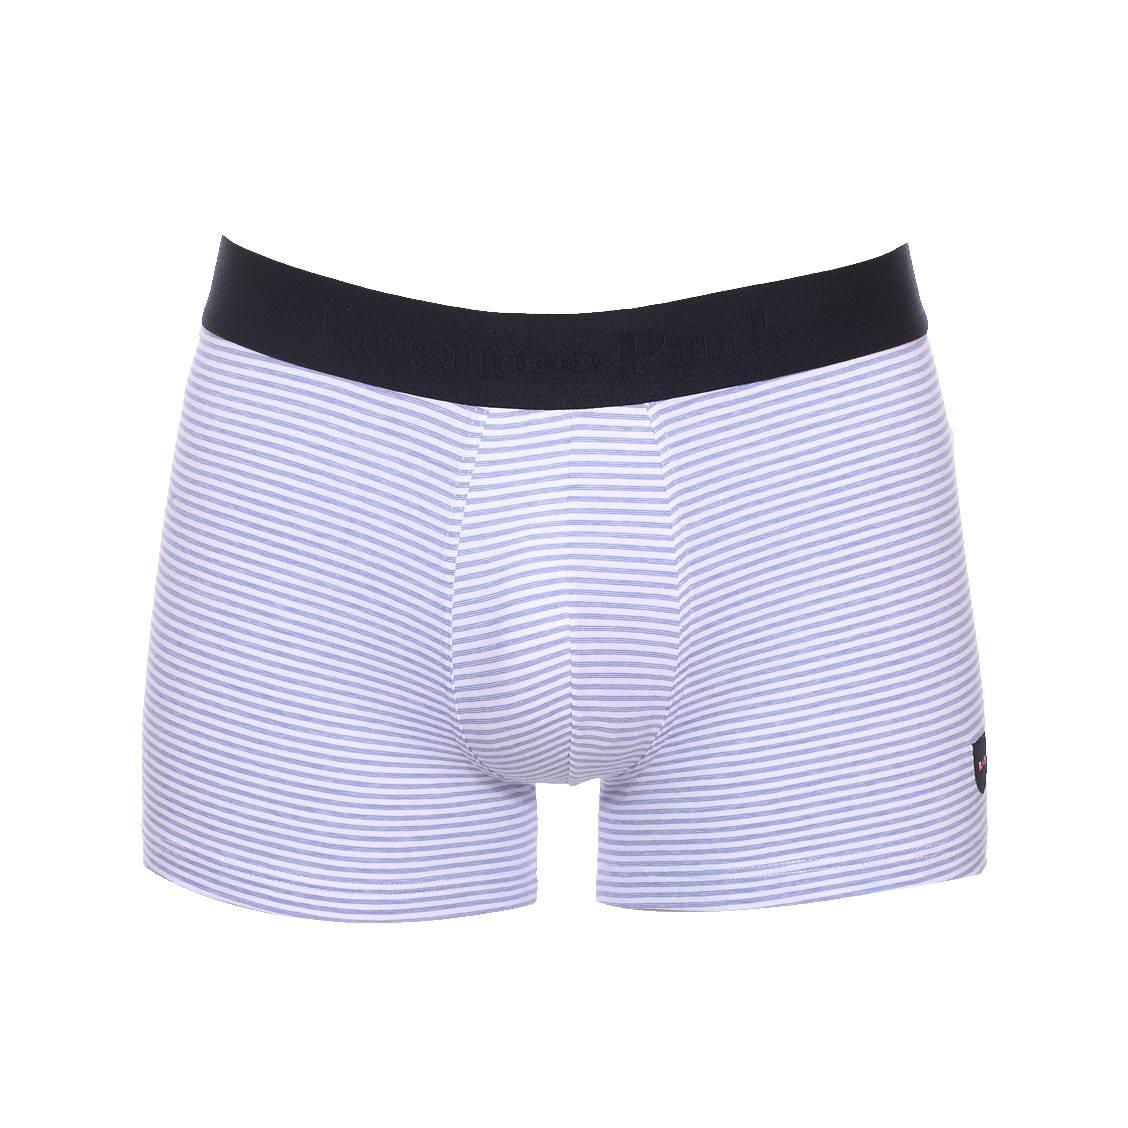 Boxer long  en coton stretch blanc à fines rayures bleu clair